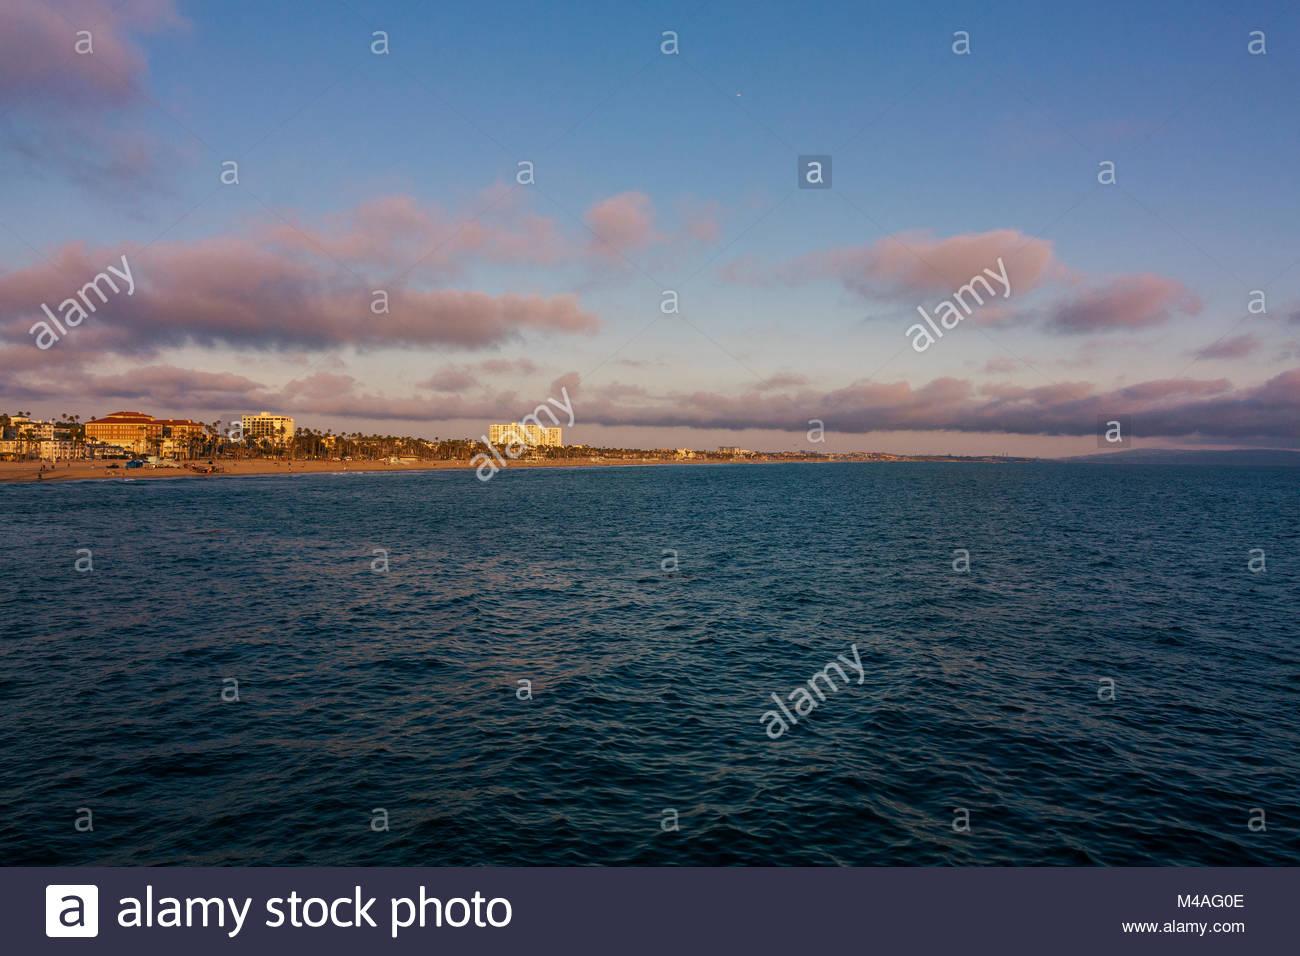 santa-monica-beach-in-los-angeles-usa-M4AG0E.jpg